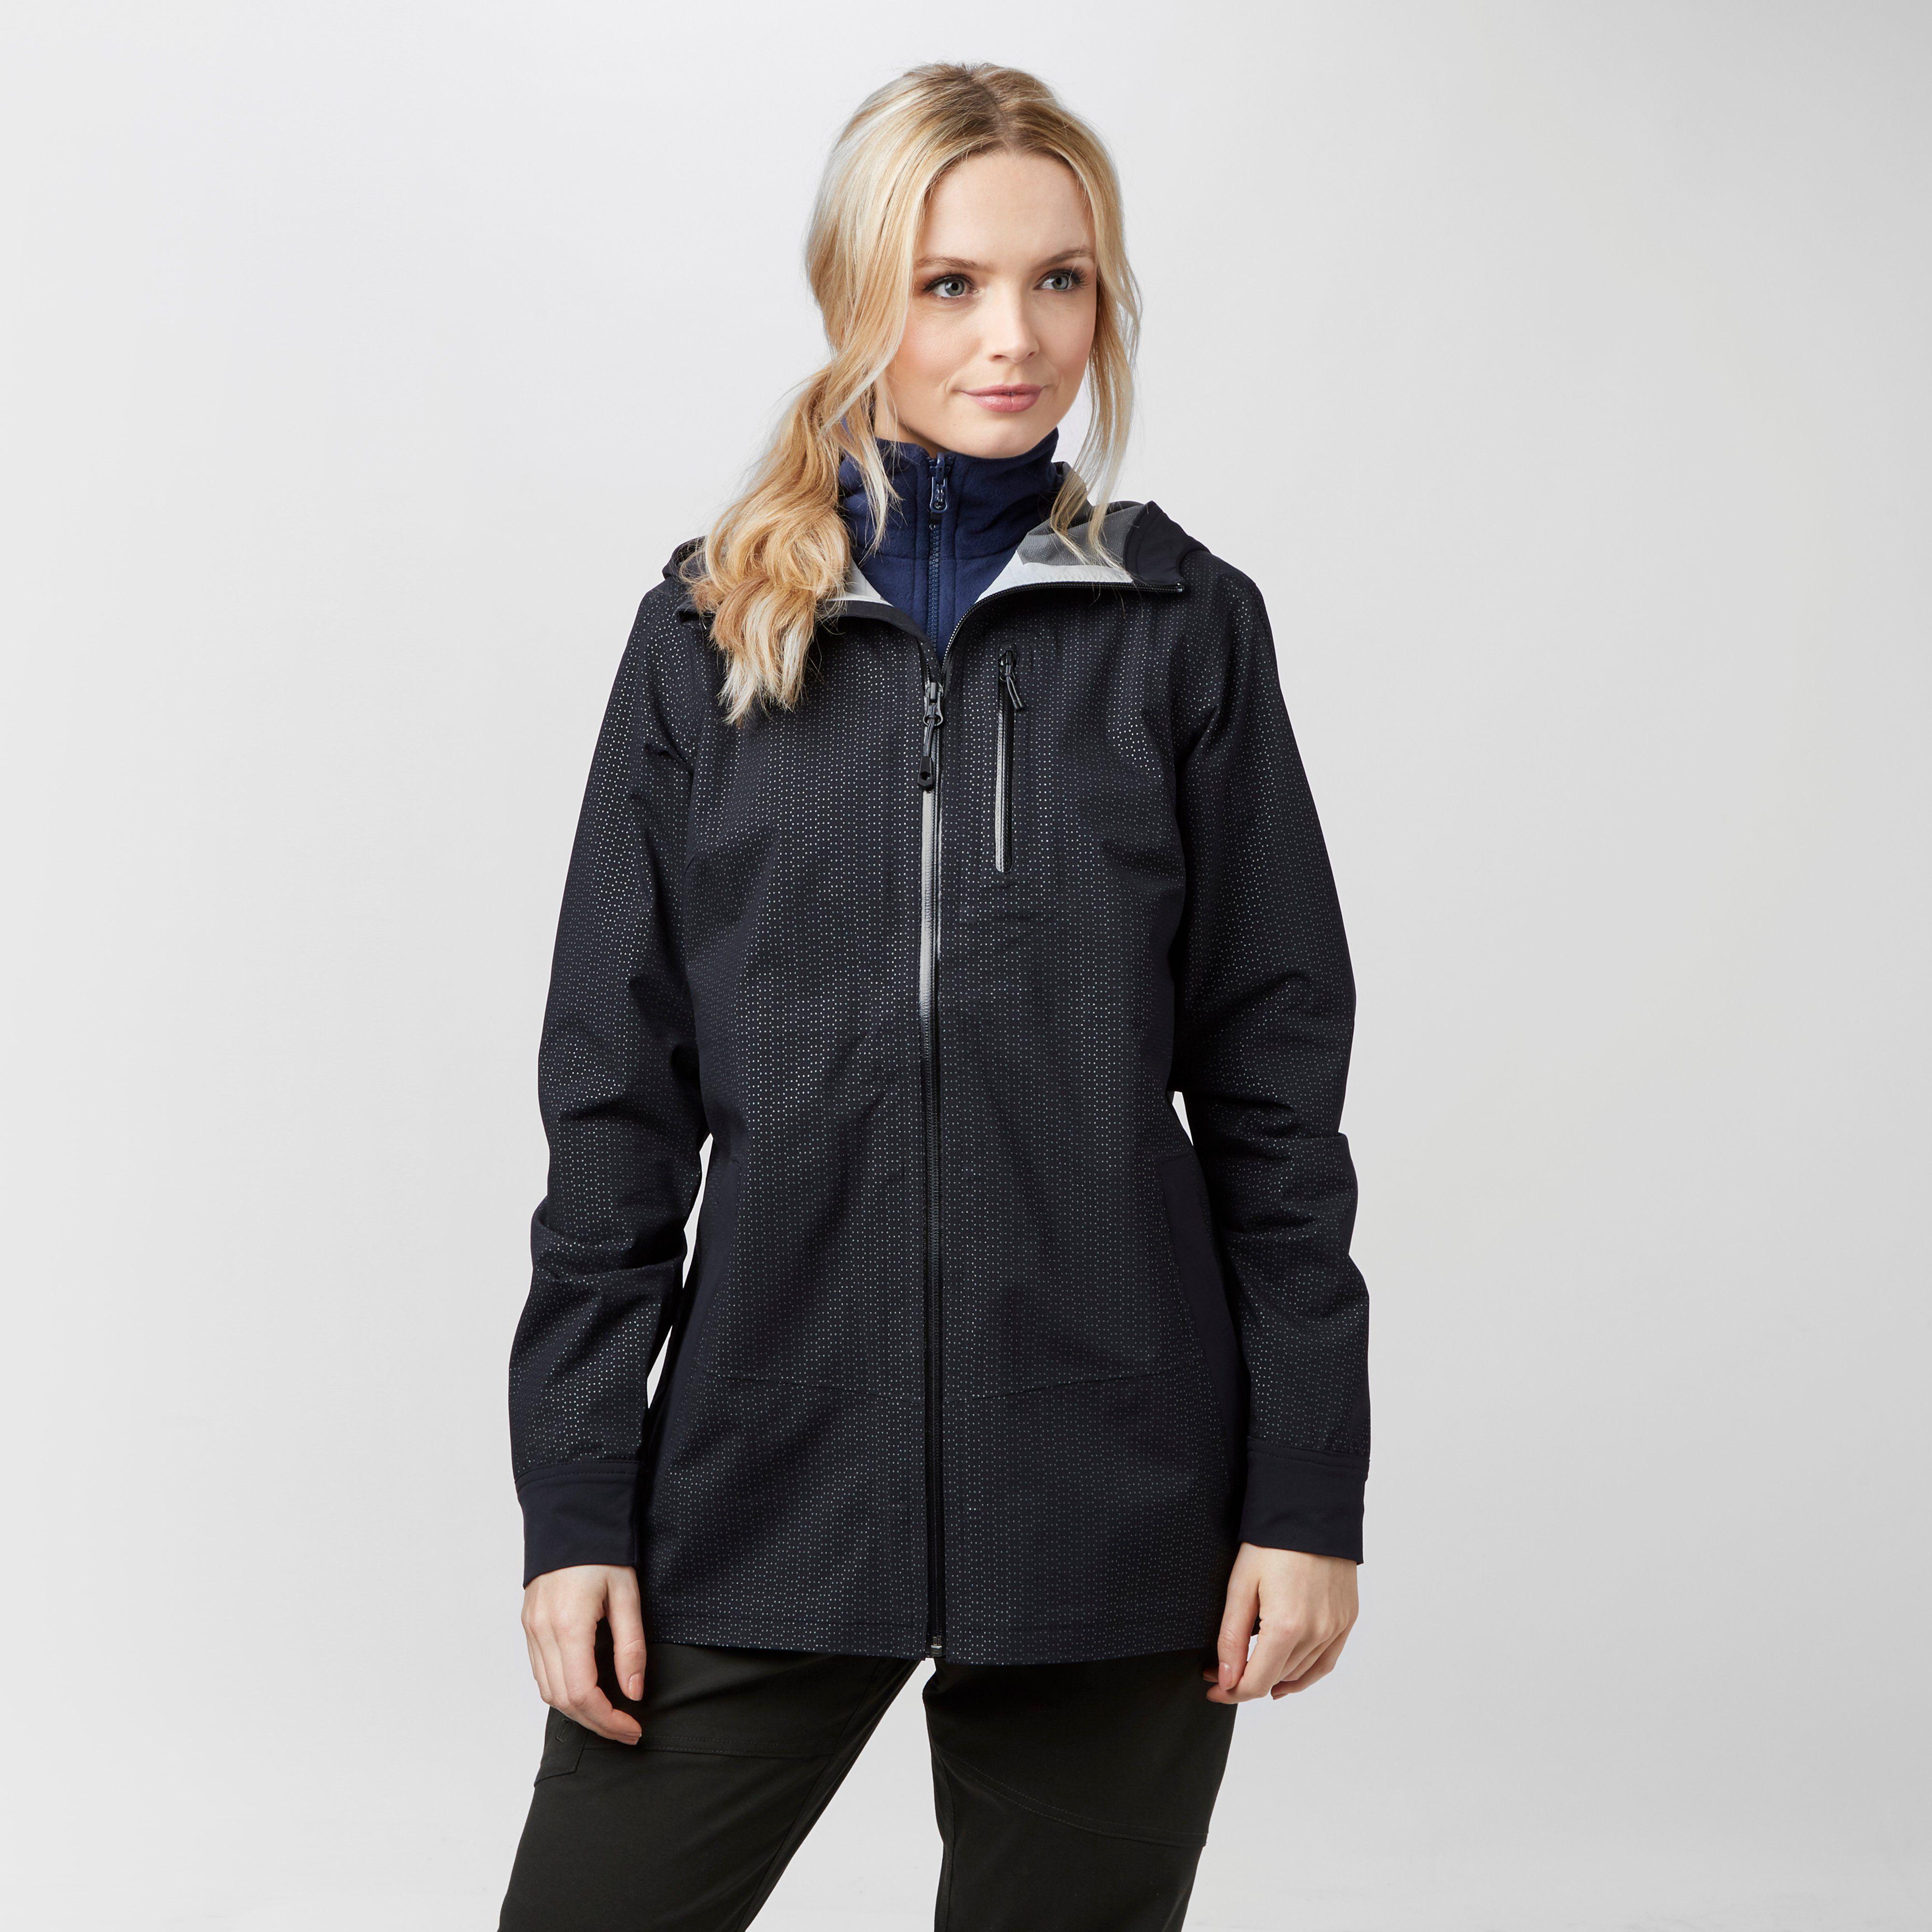 MOUNTAIN HARDWEAR Women's Lithosphere Jacket